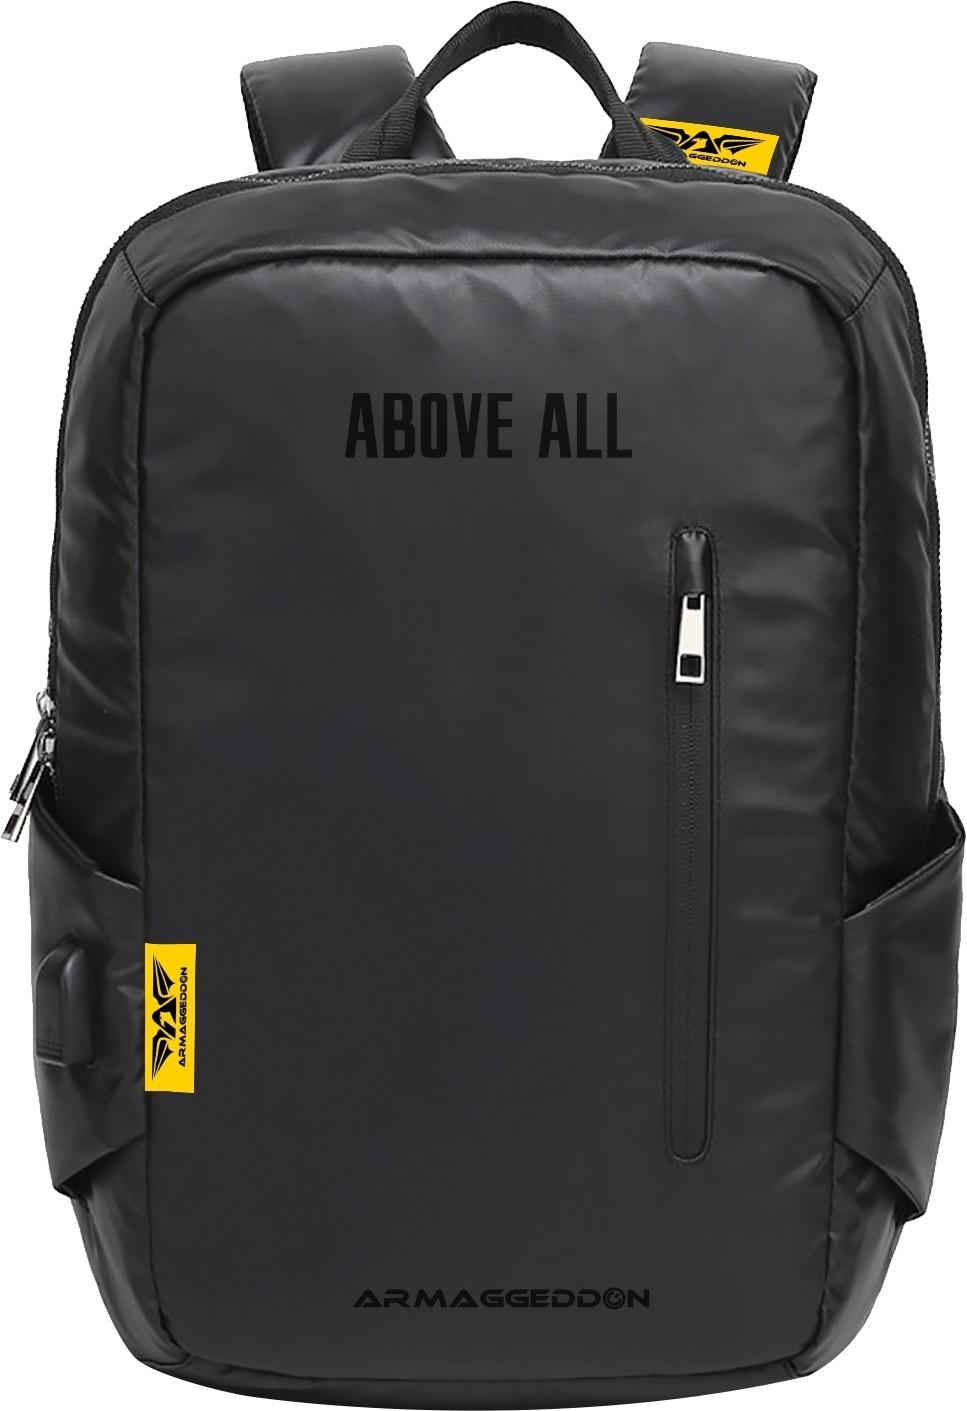 ea85a48bce Promate Solo-MB 15.6 Laptop Bag Black- LAPTOP BAGS - mstronics.com